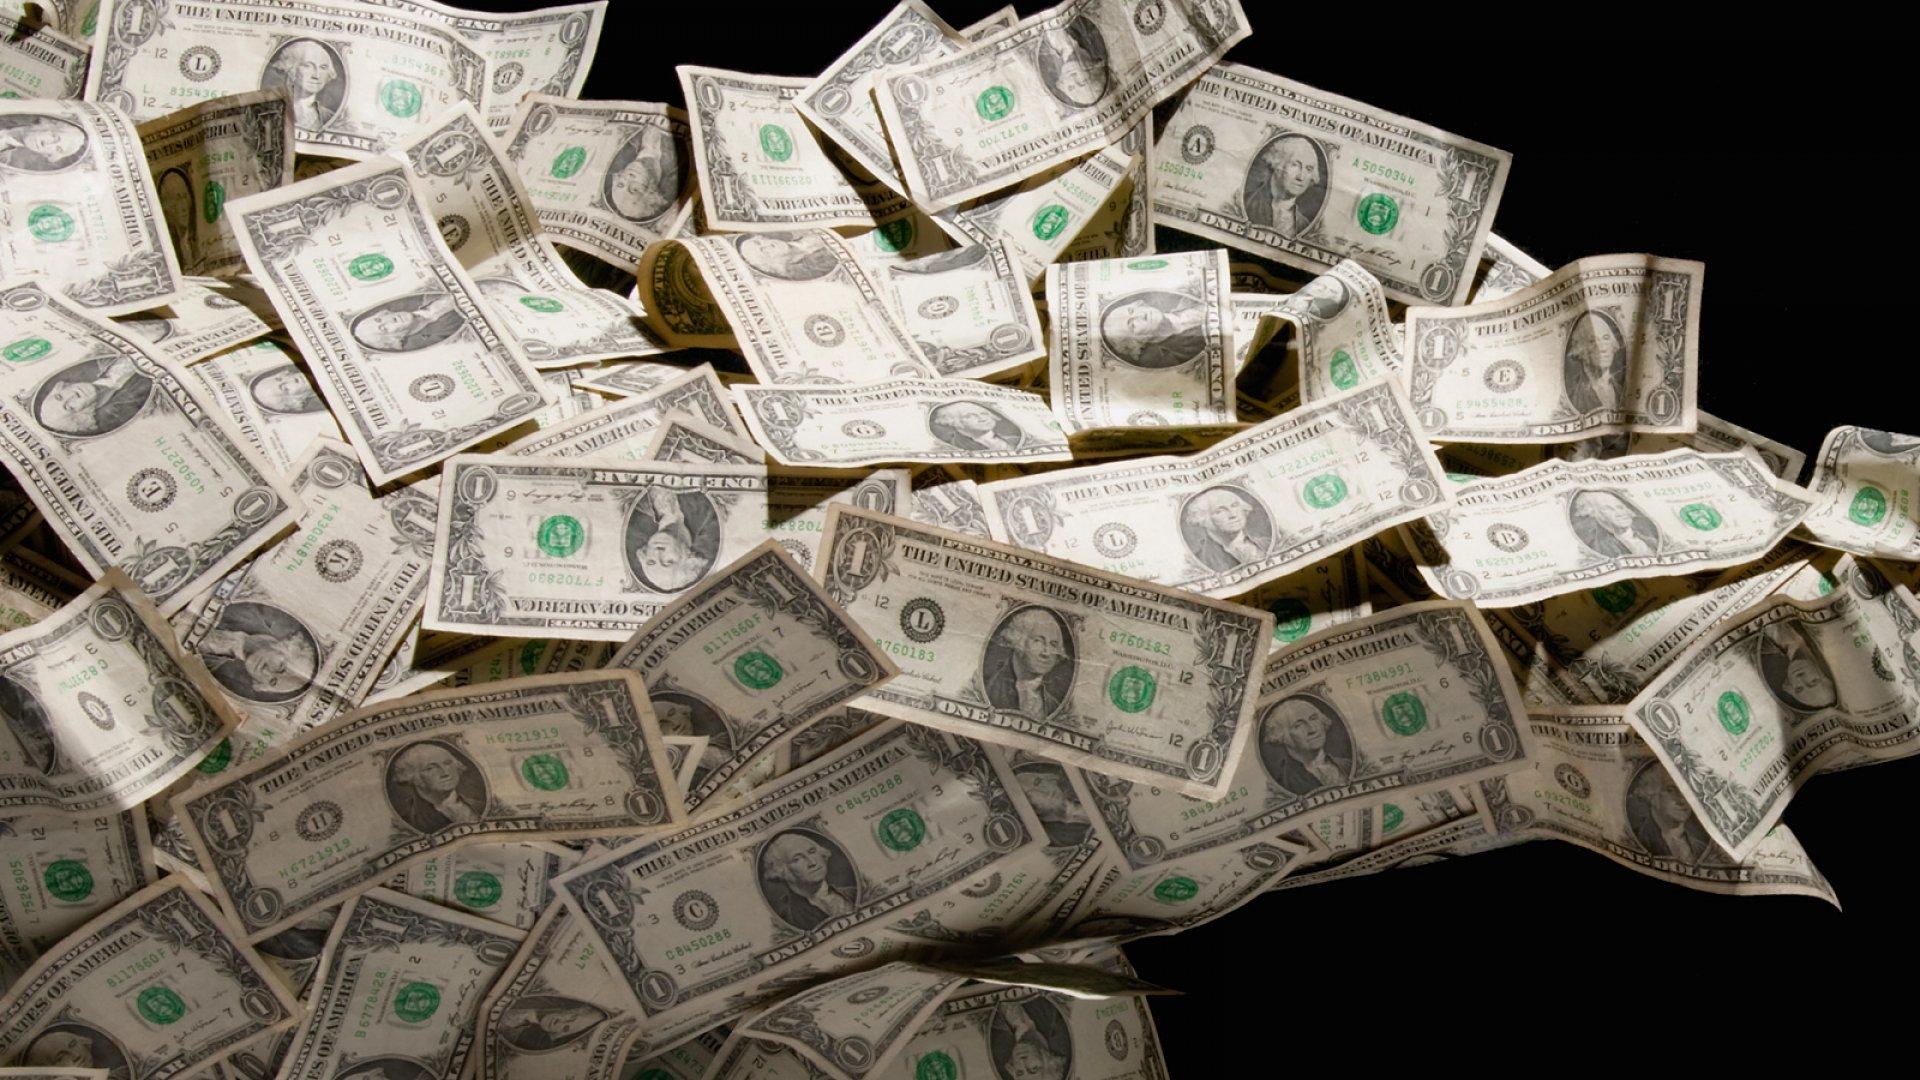 Even in $19 Billion Deals, Money Isn't Everything